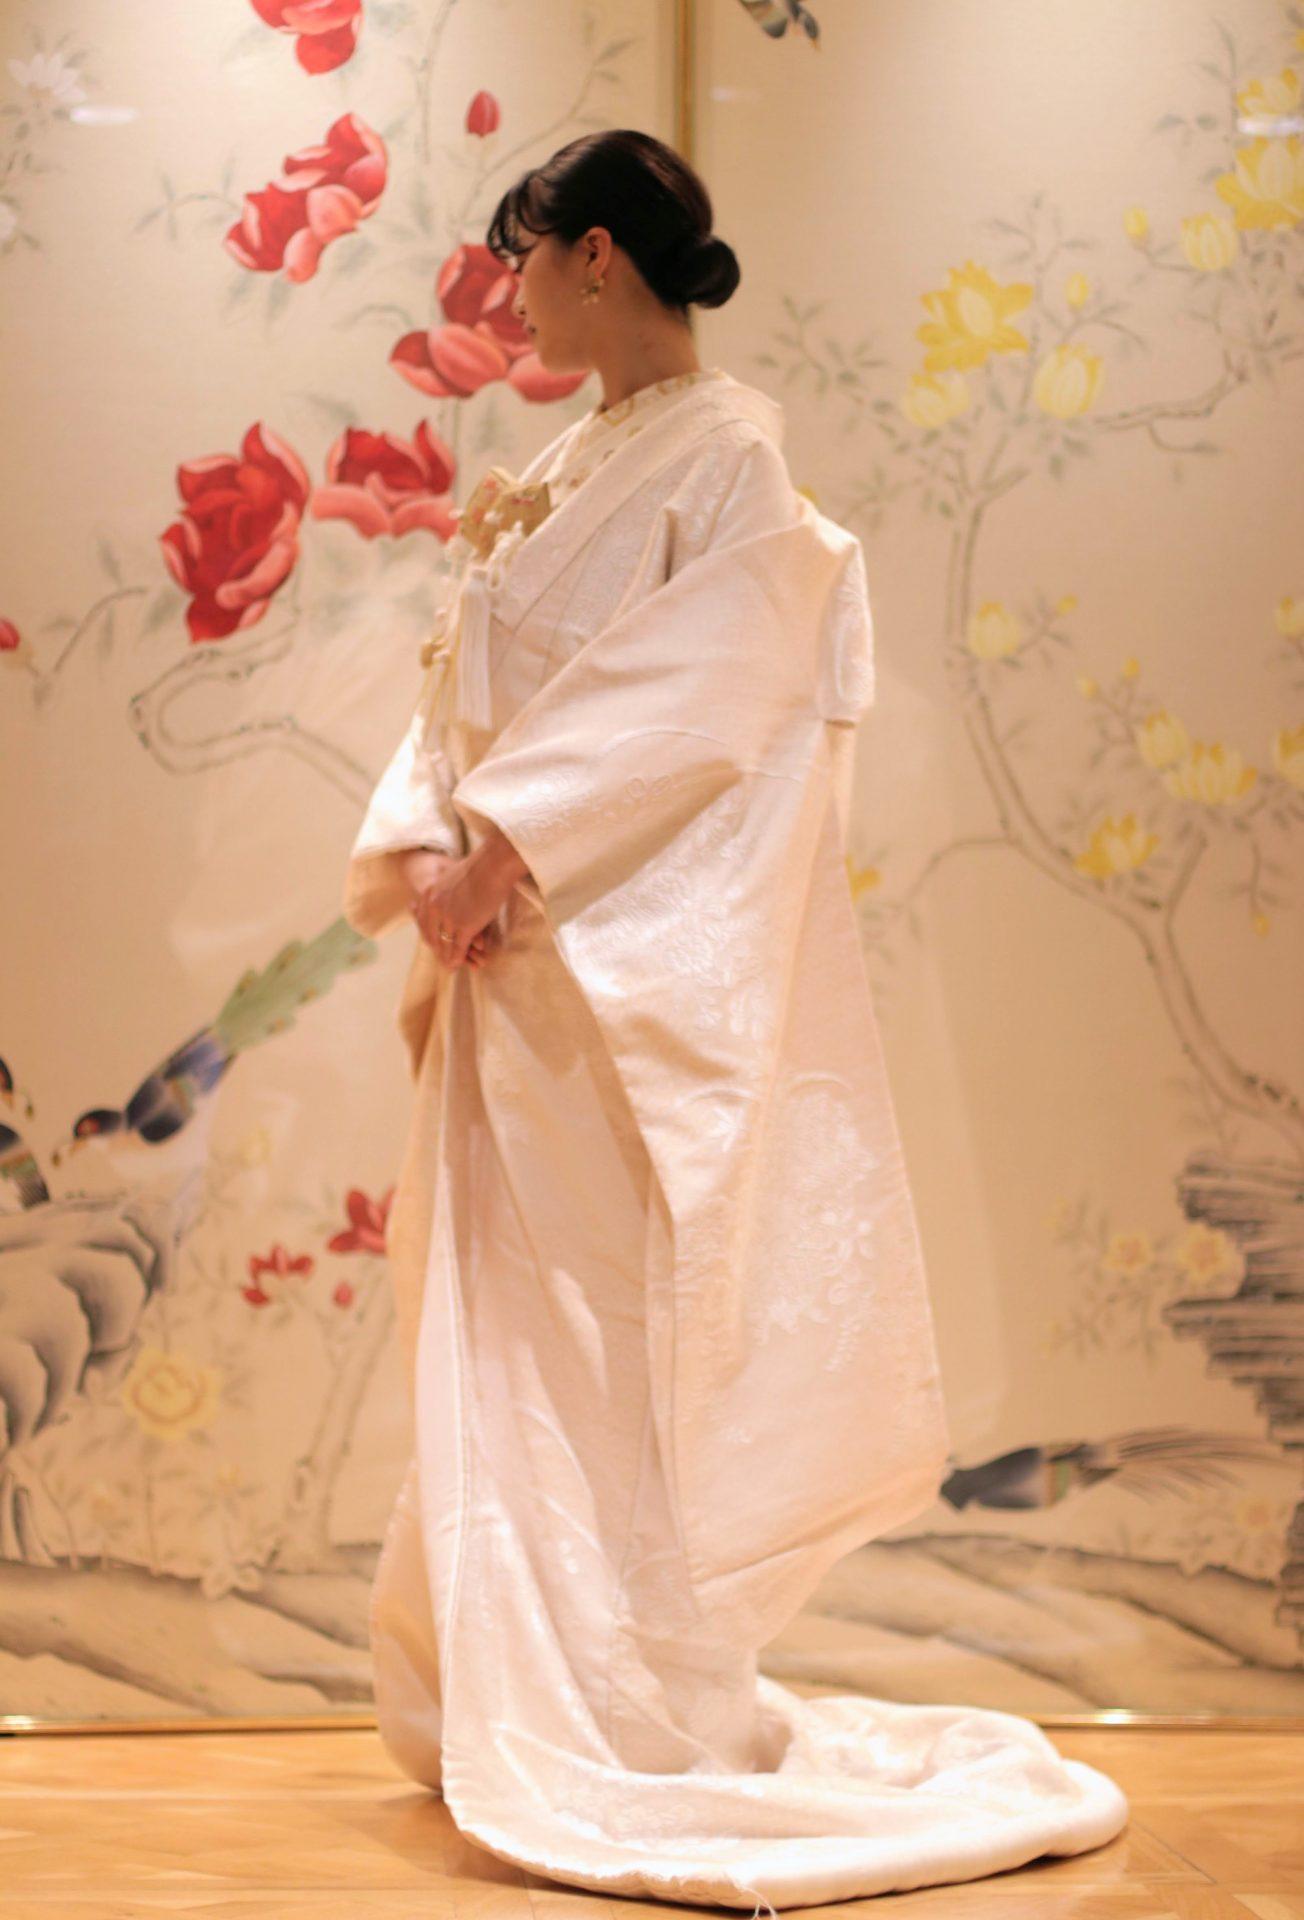 東京の人気ドレスショップ ザ・トリート・ドレッシング アディション店ではインポートのウェディングドレスだけではなく、白無垢や色打掛などの和装のレンタルも豊富に取り揃えており、古典的な柄からモダンな印象のものまで会場はや節に合わせてご提案しております